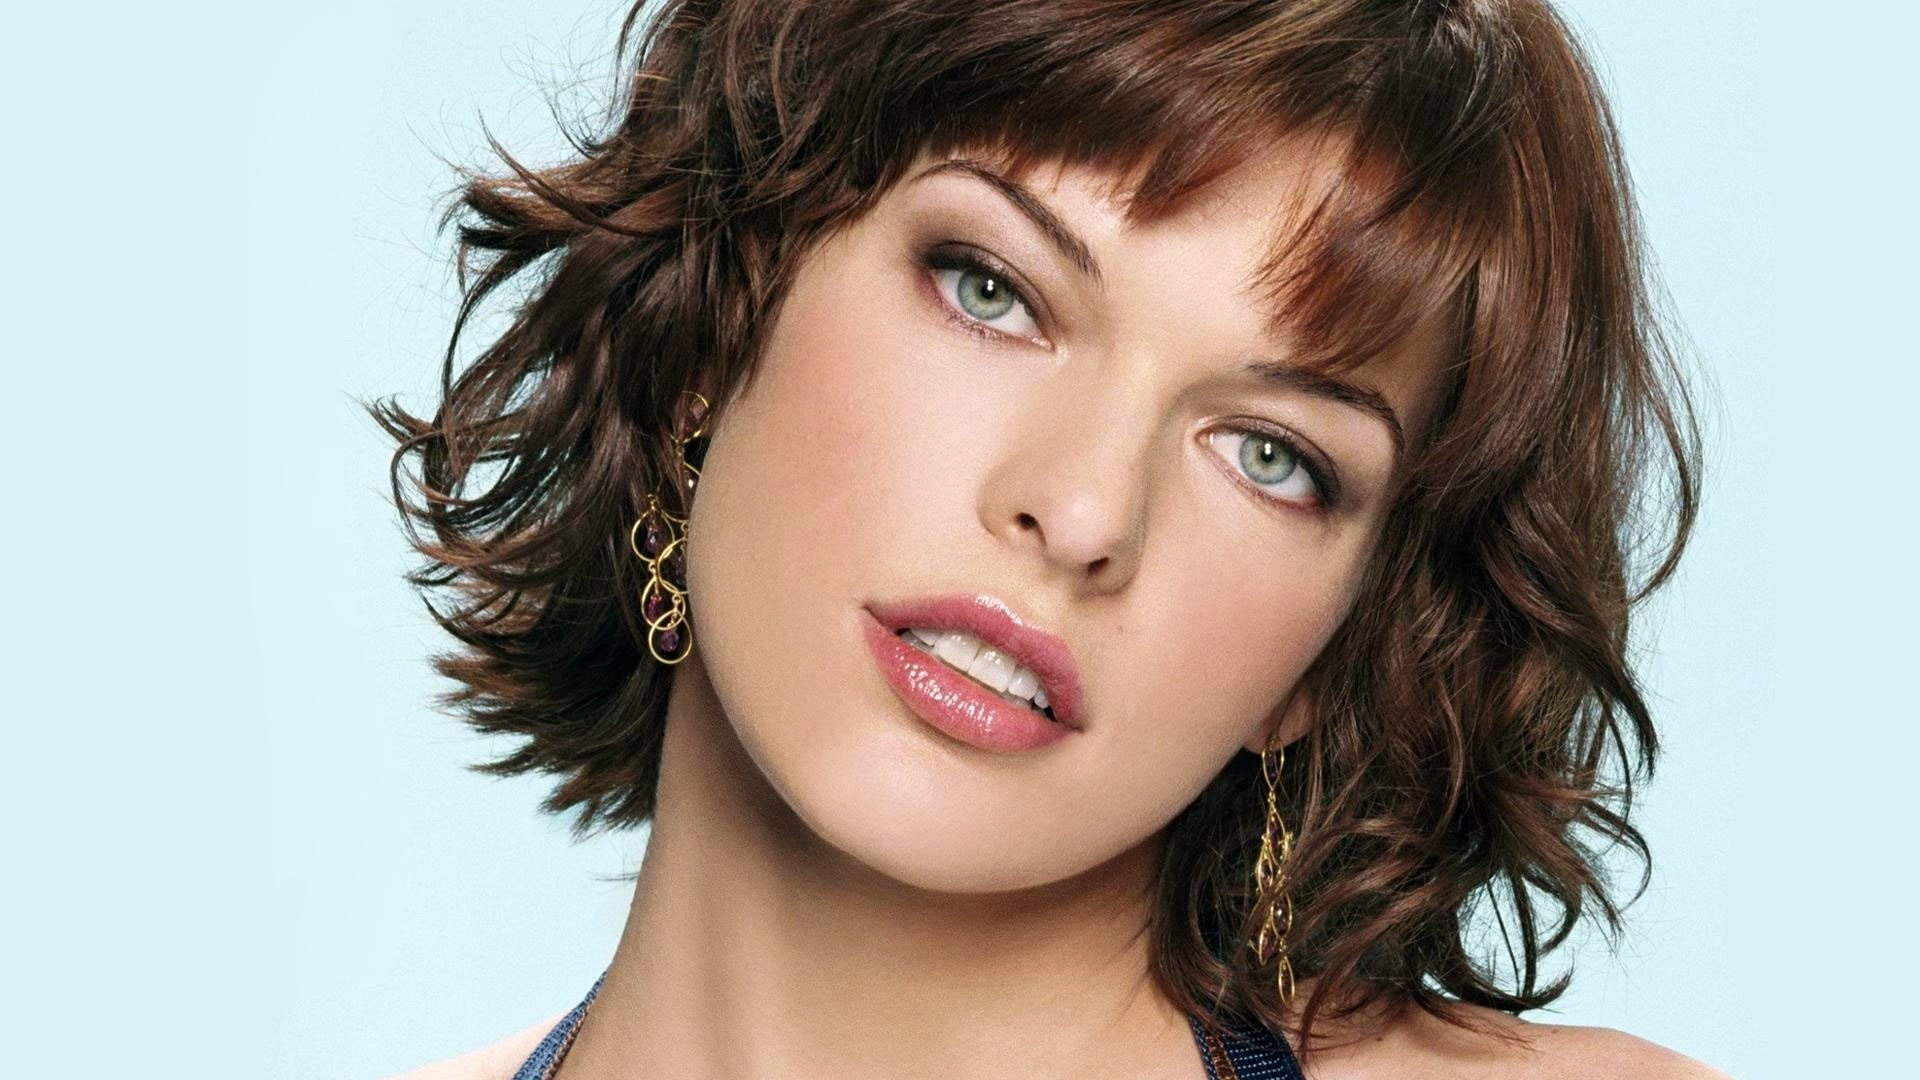 Celebrity - Milla Jovovich  Woman Pretty Cute Wallpaper